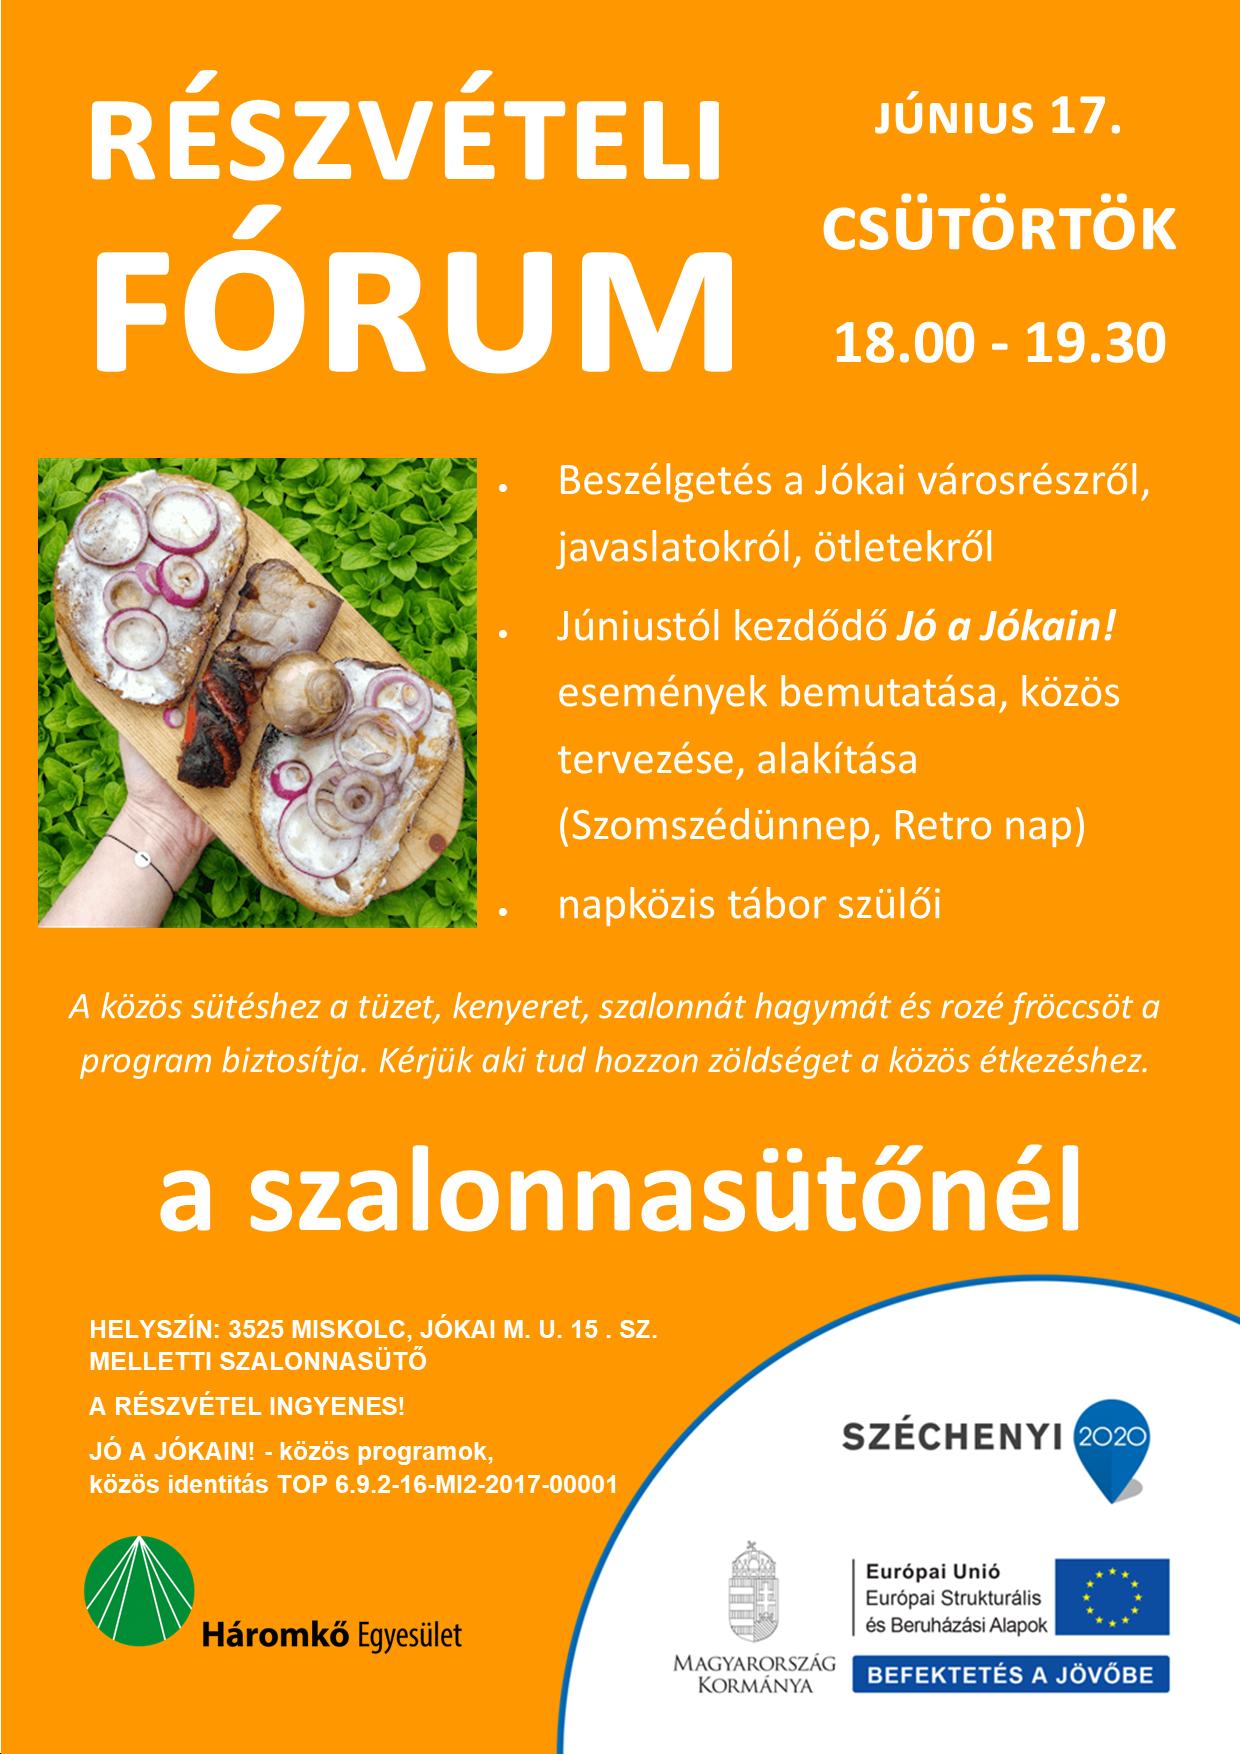 részvételi fórum plakátja